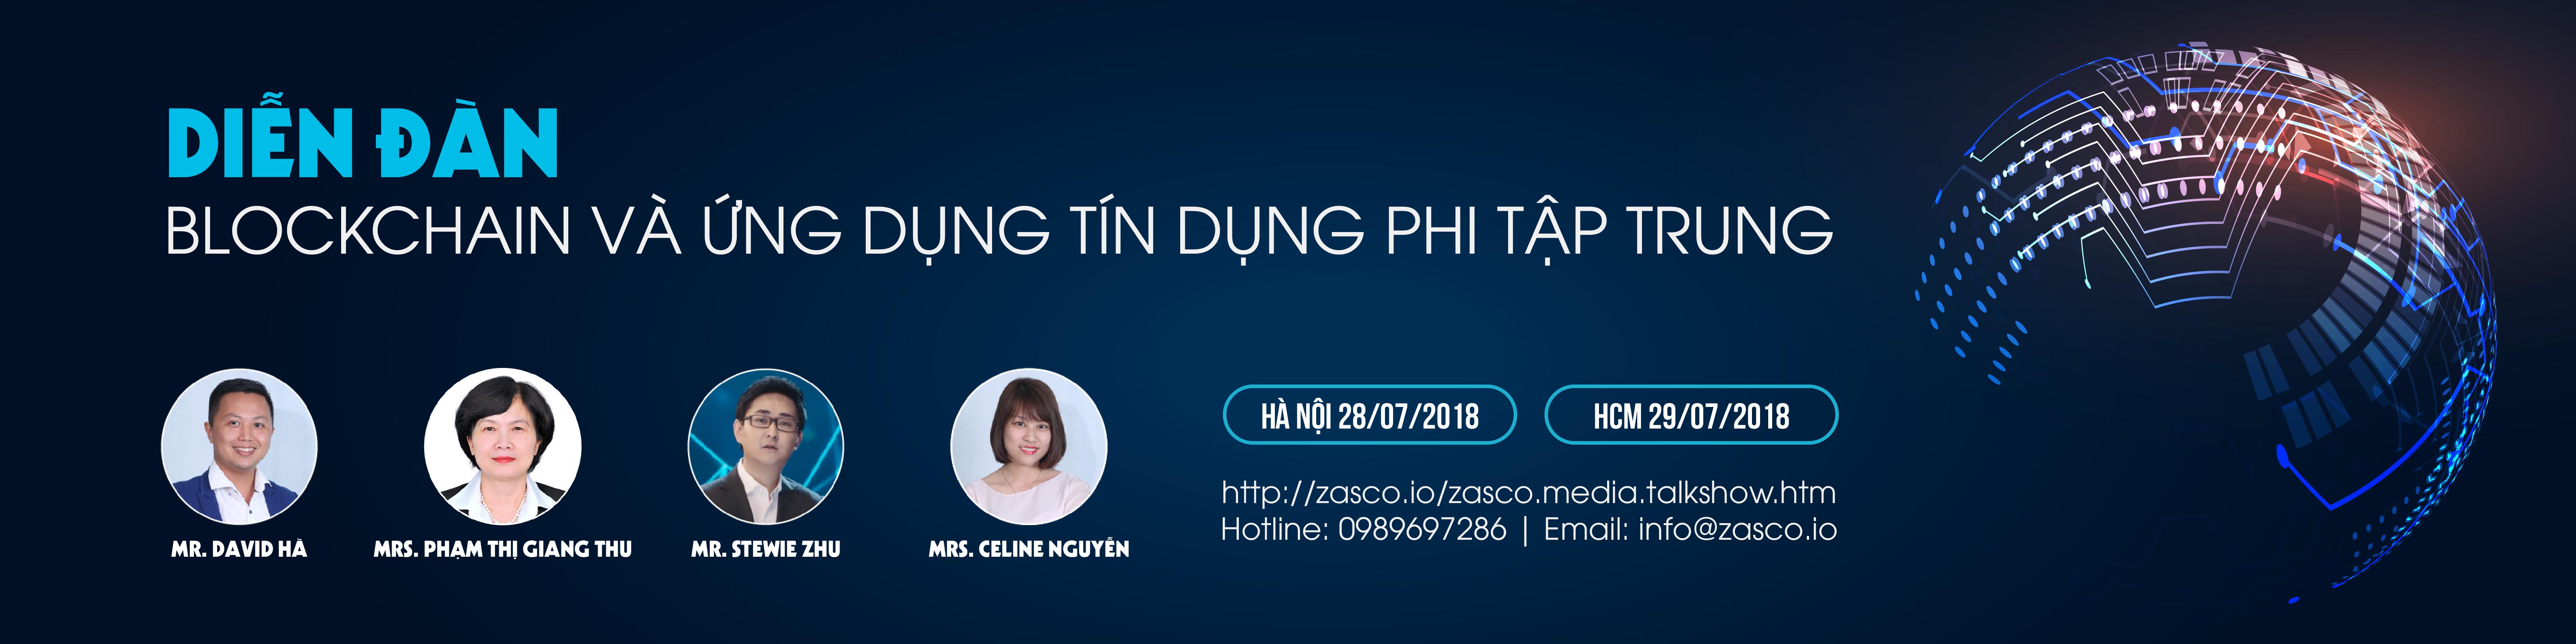 Diễn đàn Blockchain & Ứng dụng tín dụng phi tập trung 2018 (TP. Hồ Chí Minh)